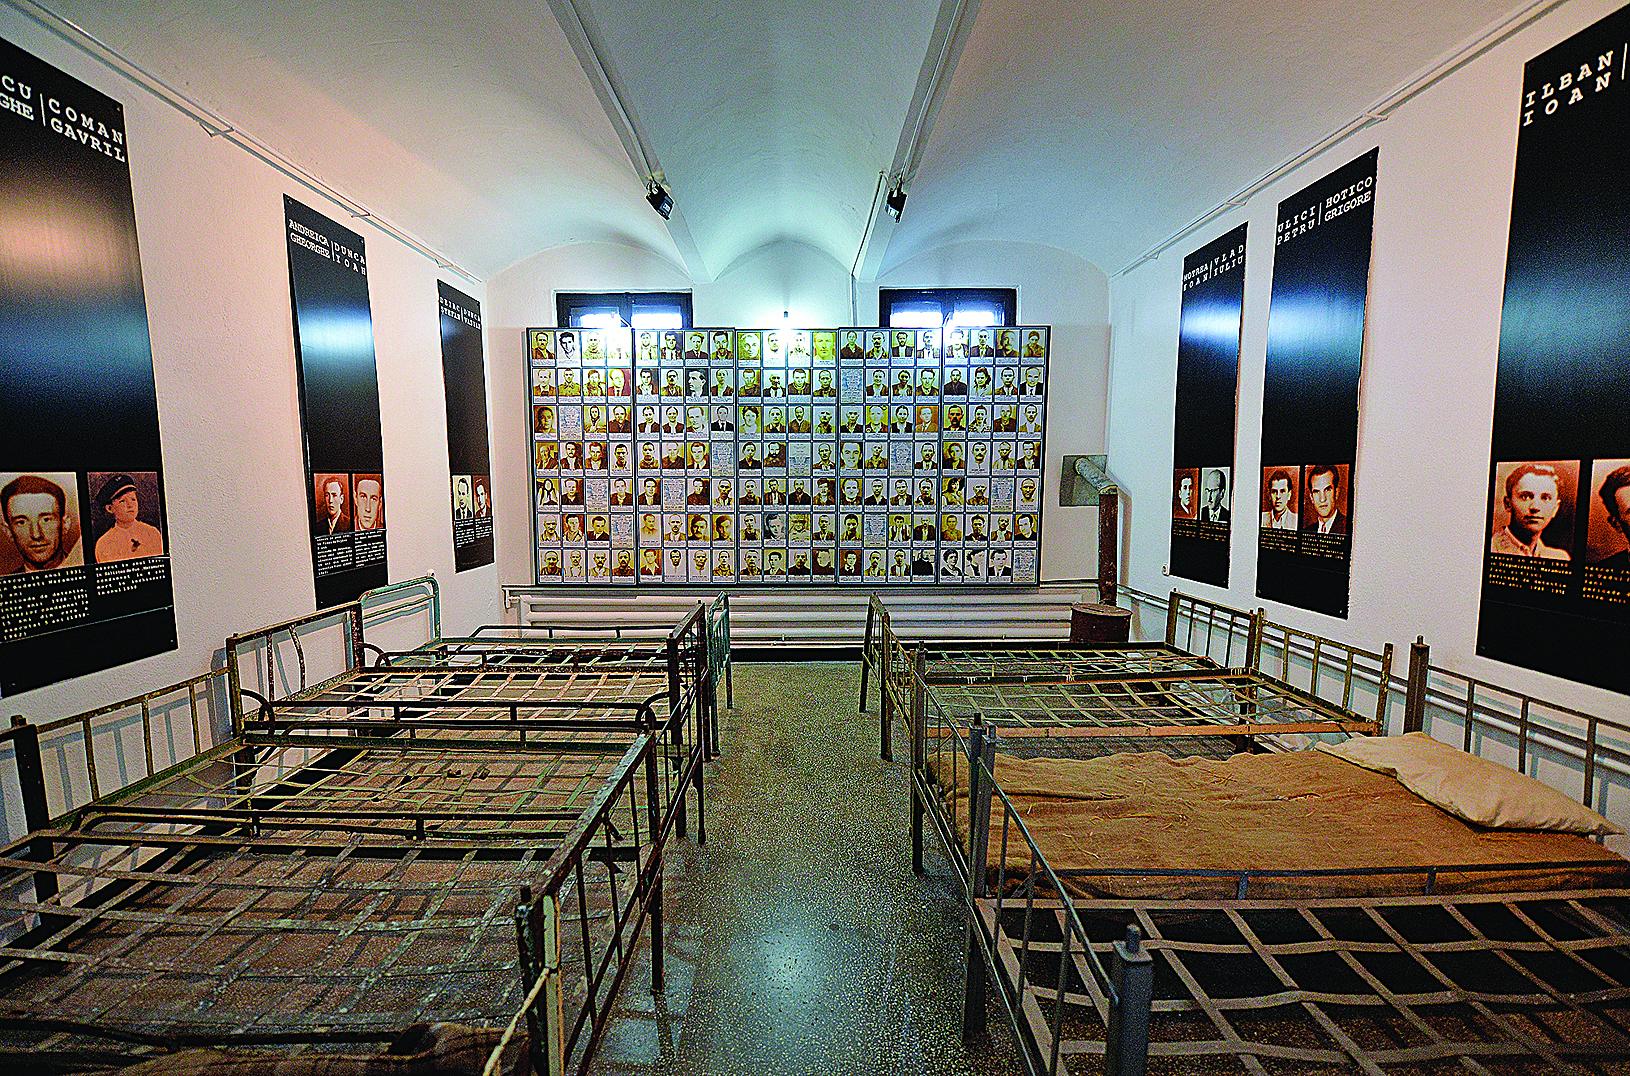 錫蓋特博物館喚醒羅馬尼亞的記憶